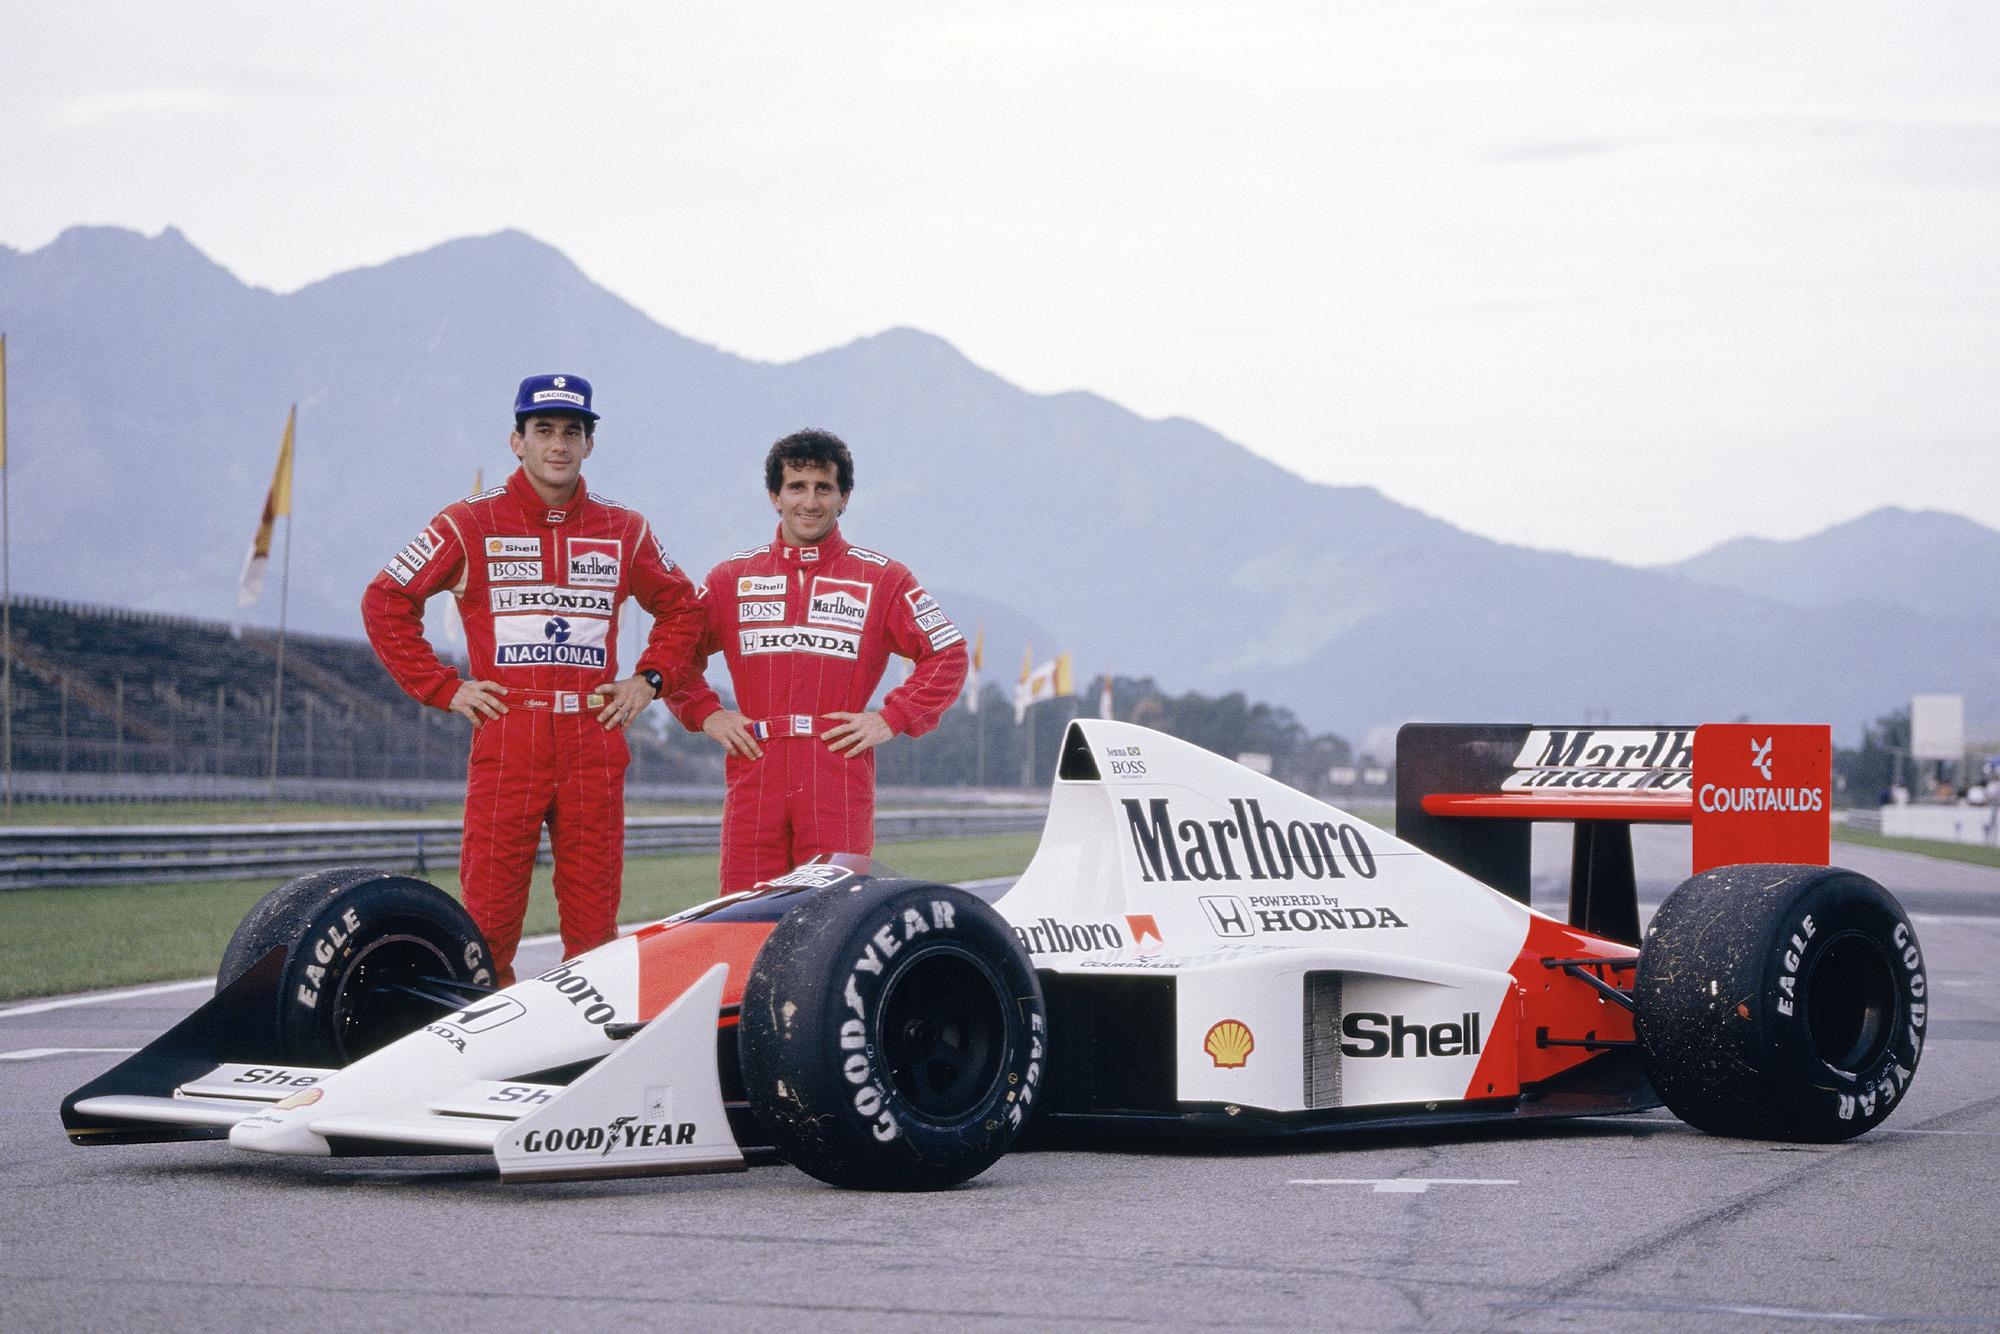 Ayrton Senna and Alain Prost stand next to their McLaren